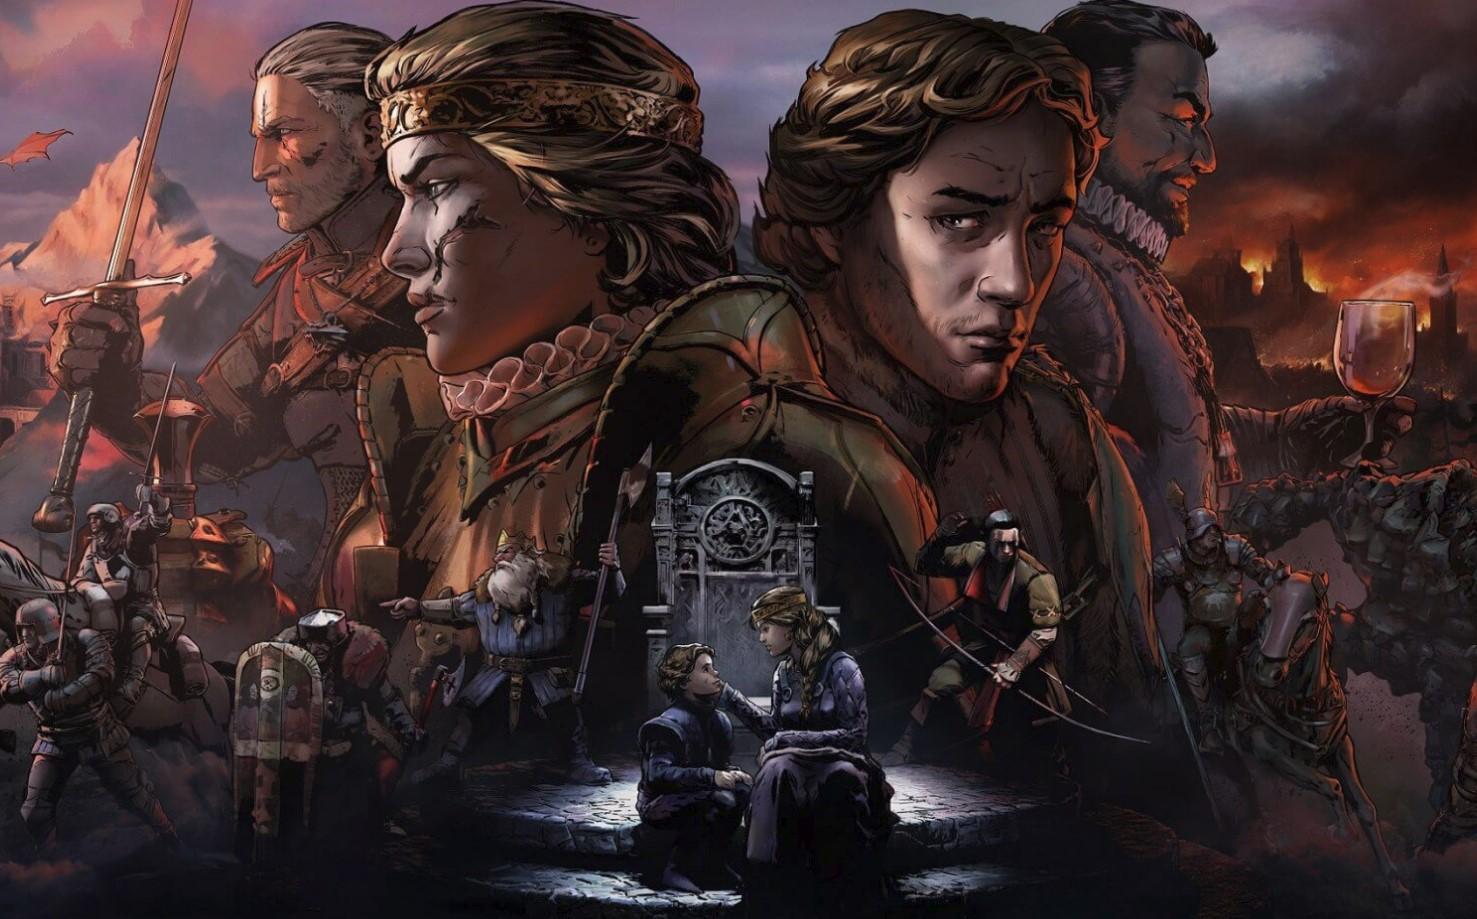 Jugamos Thronebreaker antes de su lanzamiento y te contamos por qué vale la pena: una gran historia de The Witcher